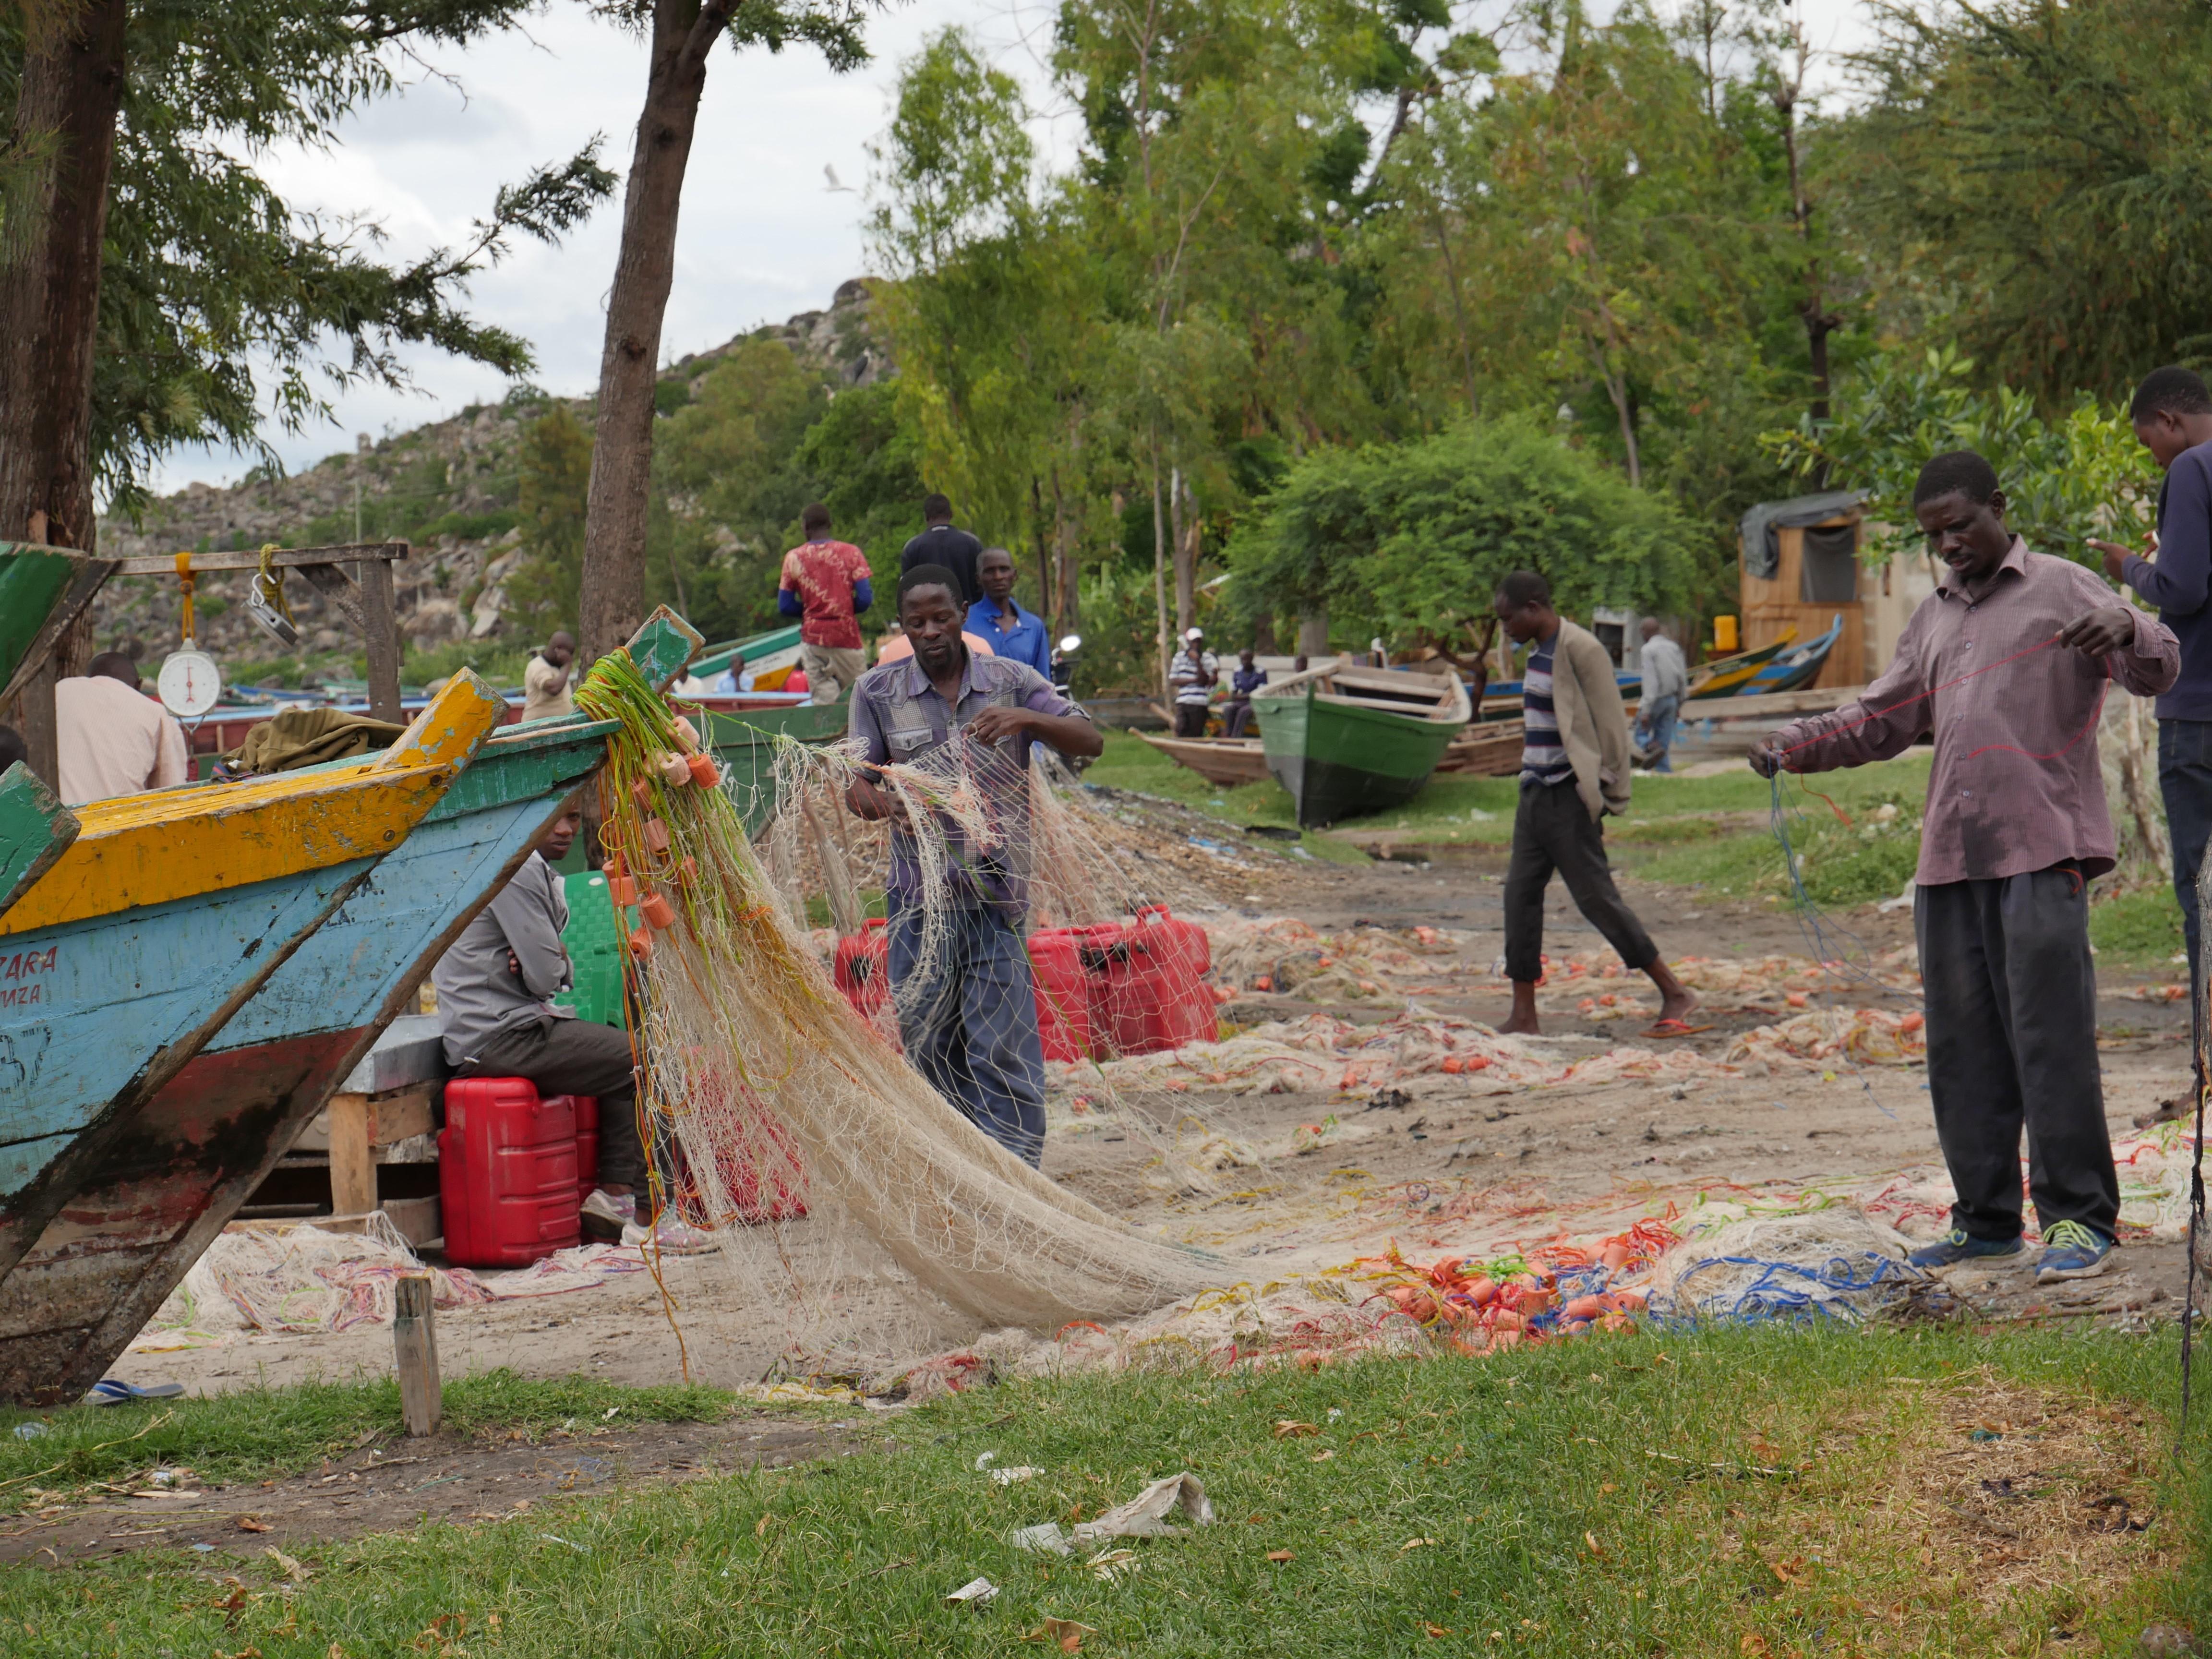 Lors de leur séjour, les jeunes ont pu découvrir la culture locale, et un mode de vie bien différent du leur notamment en allant à la rencontre des villageois d'Igombe. (c) BBB France